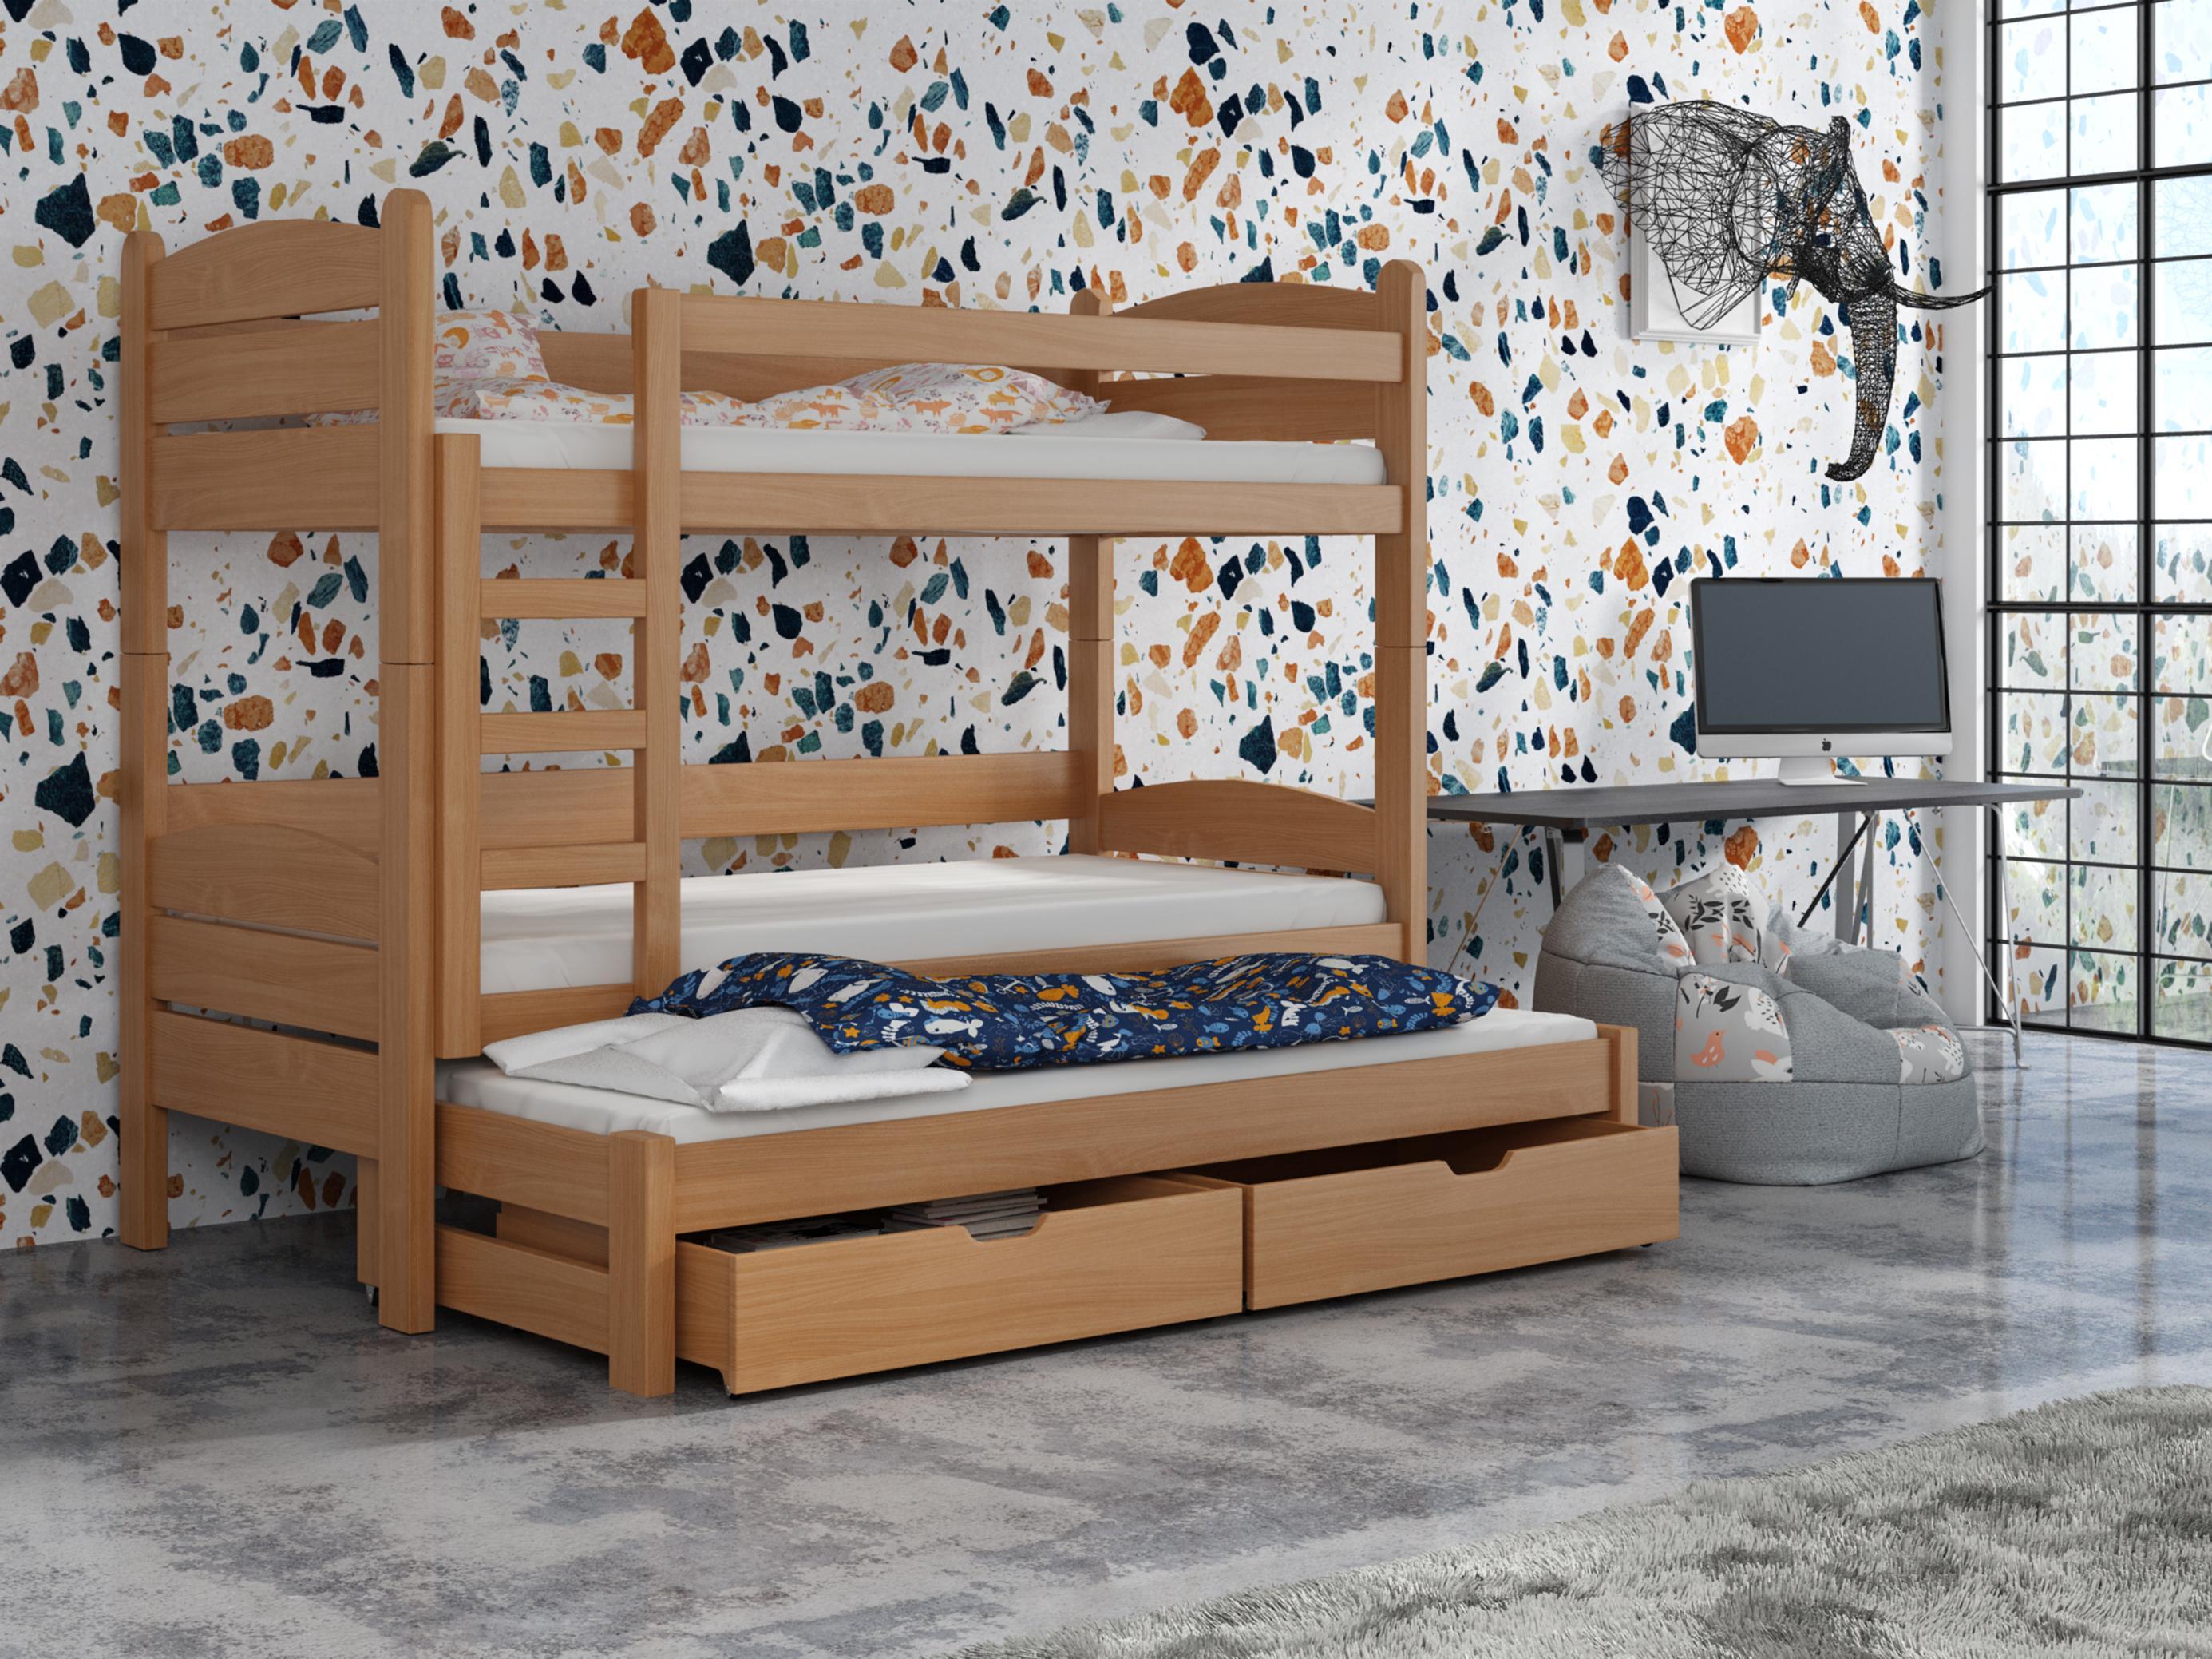 Detská poschodová posteľ 90 cm - Celsa (buk). Akcia -33%. Vlastná spoľahlivá doprava až k Vám domov.